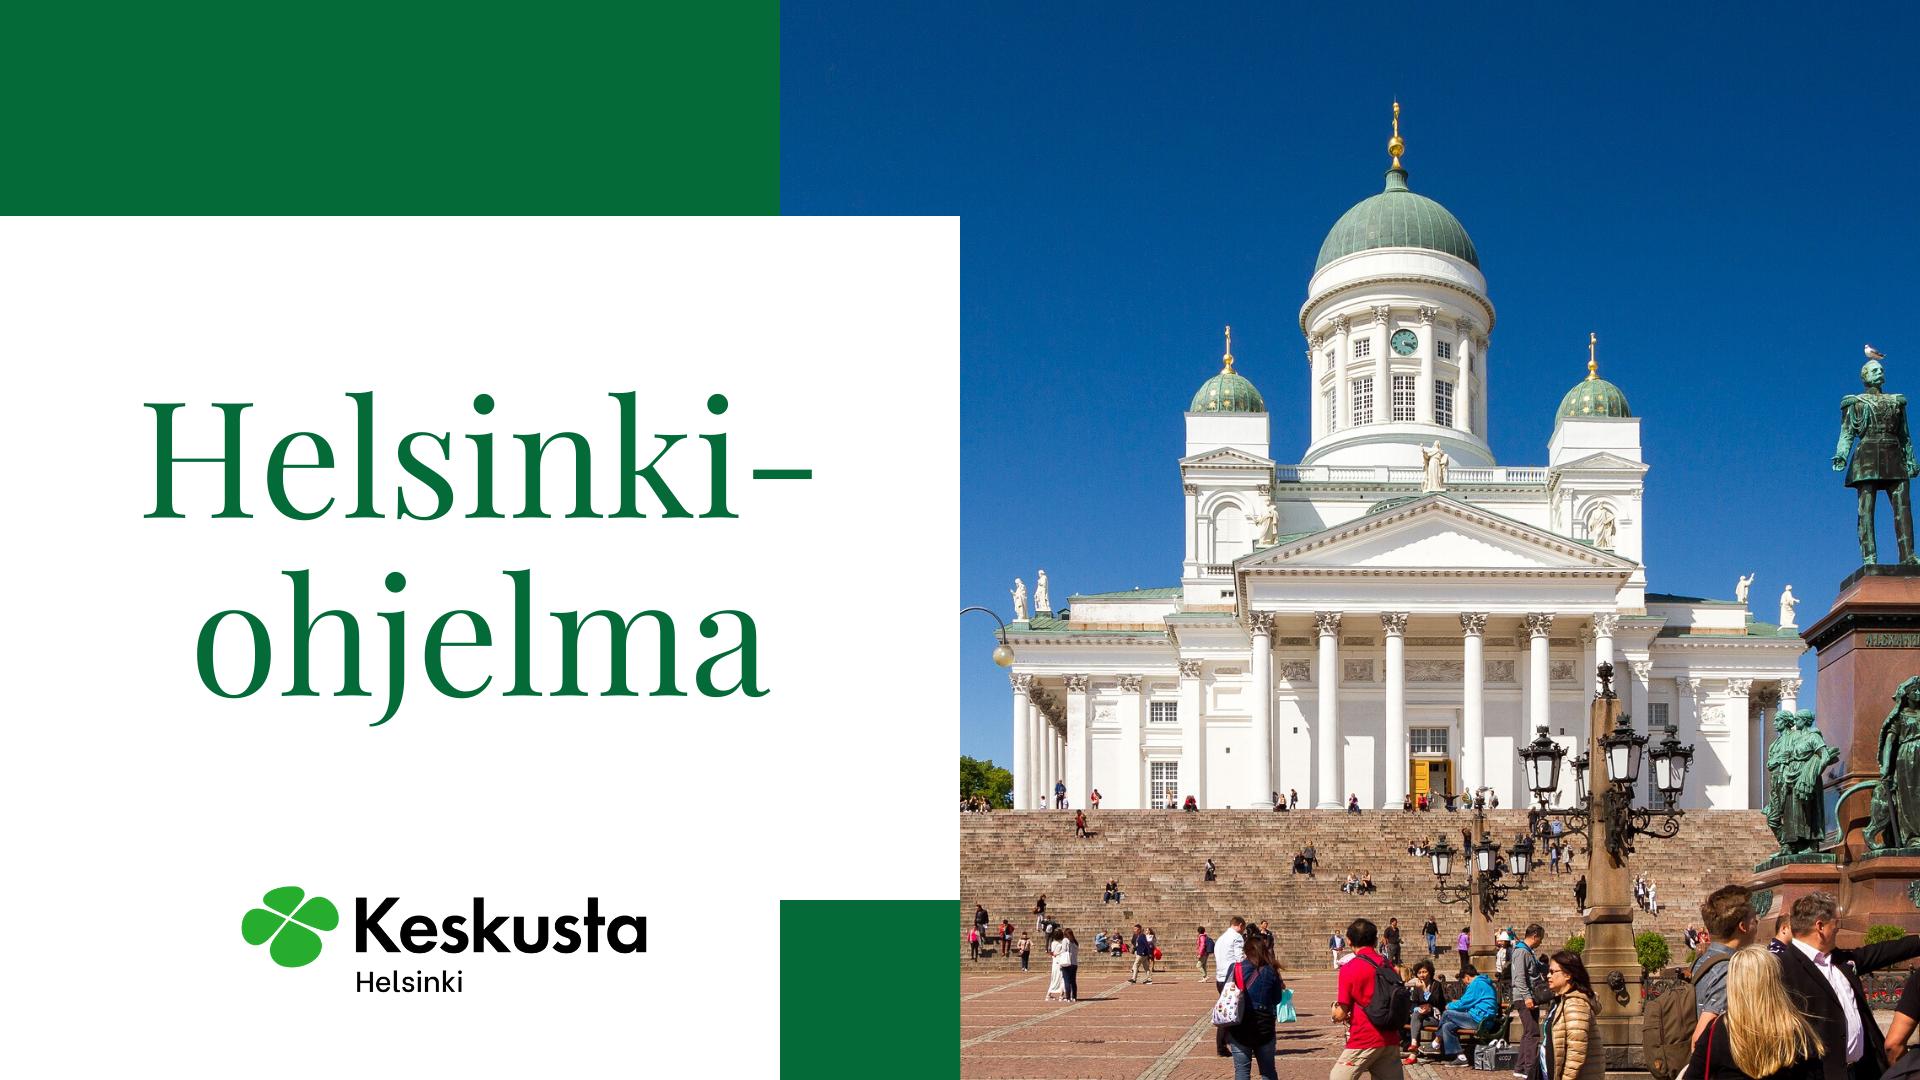 Helsinki-ohjelman kansikuva Helsingin Keskustan nettisivuilla.